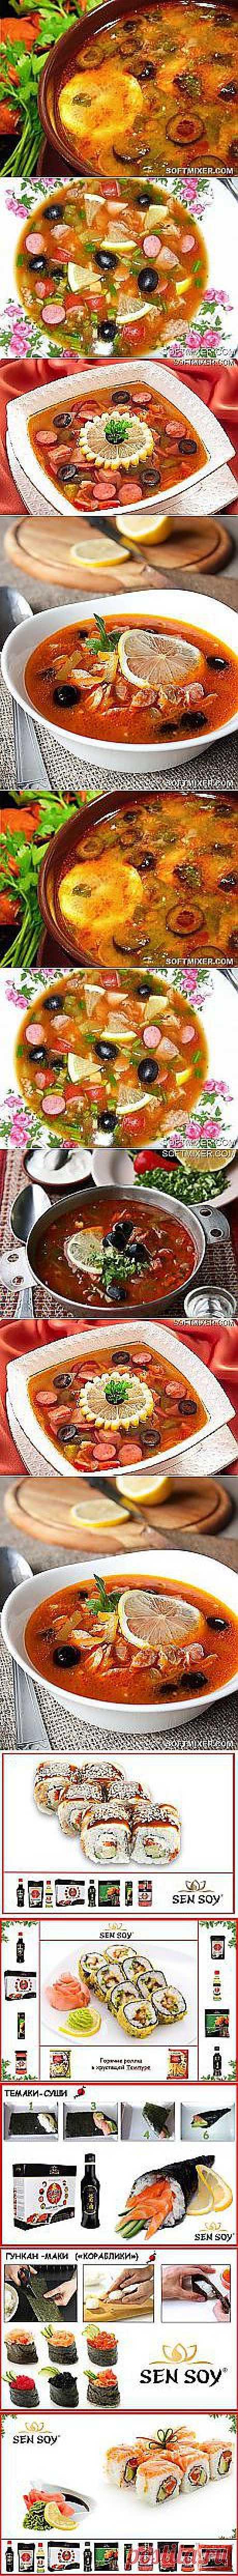 елена головешкина: Украшение блюд сервировка столов | Постила.ru